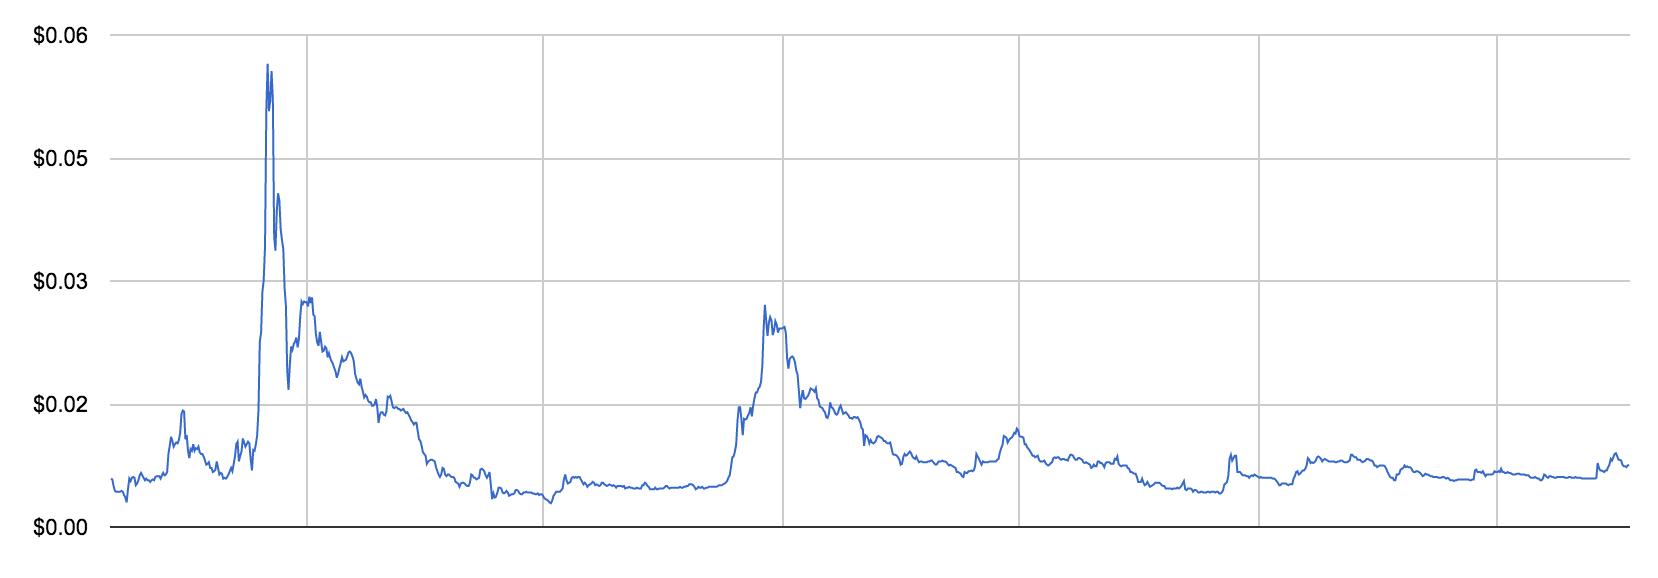 chart-price-xrp